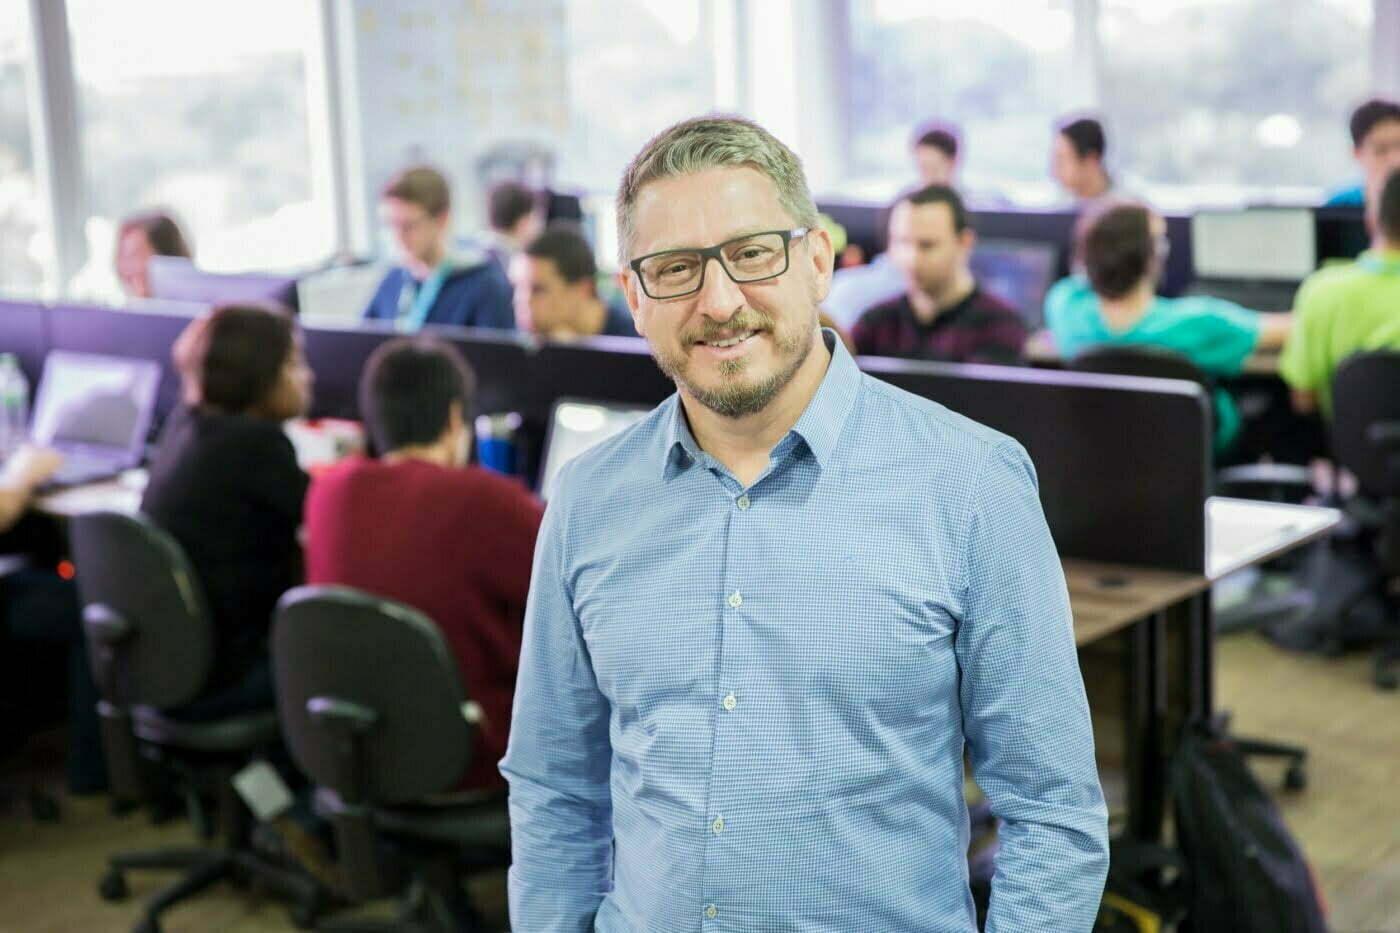 Investidor de startups, Alexandro Barsi fala das roubadas em que já se meteu e compartilha o que aprendeu sobre intuição, razão e emoção na hora de escolher sócios e fechar contratos.